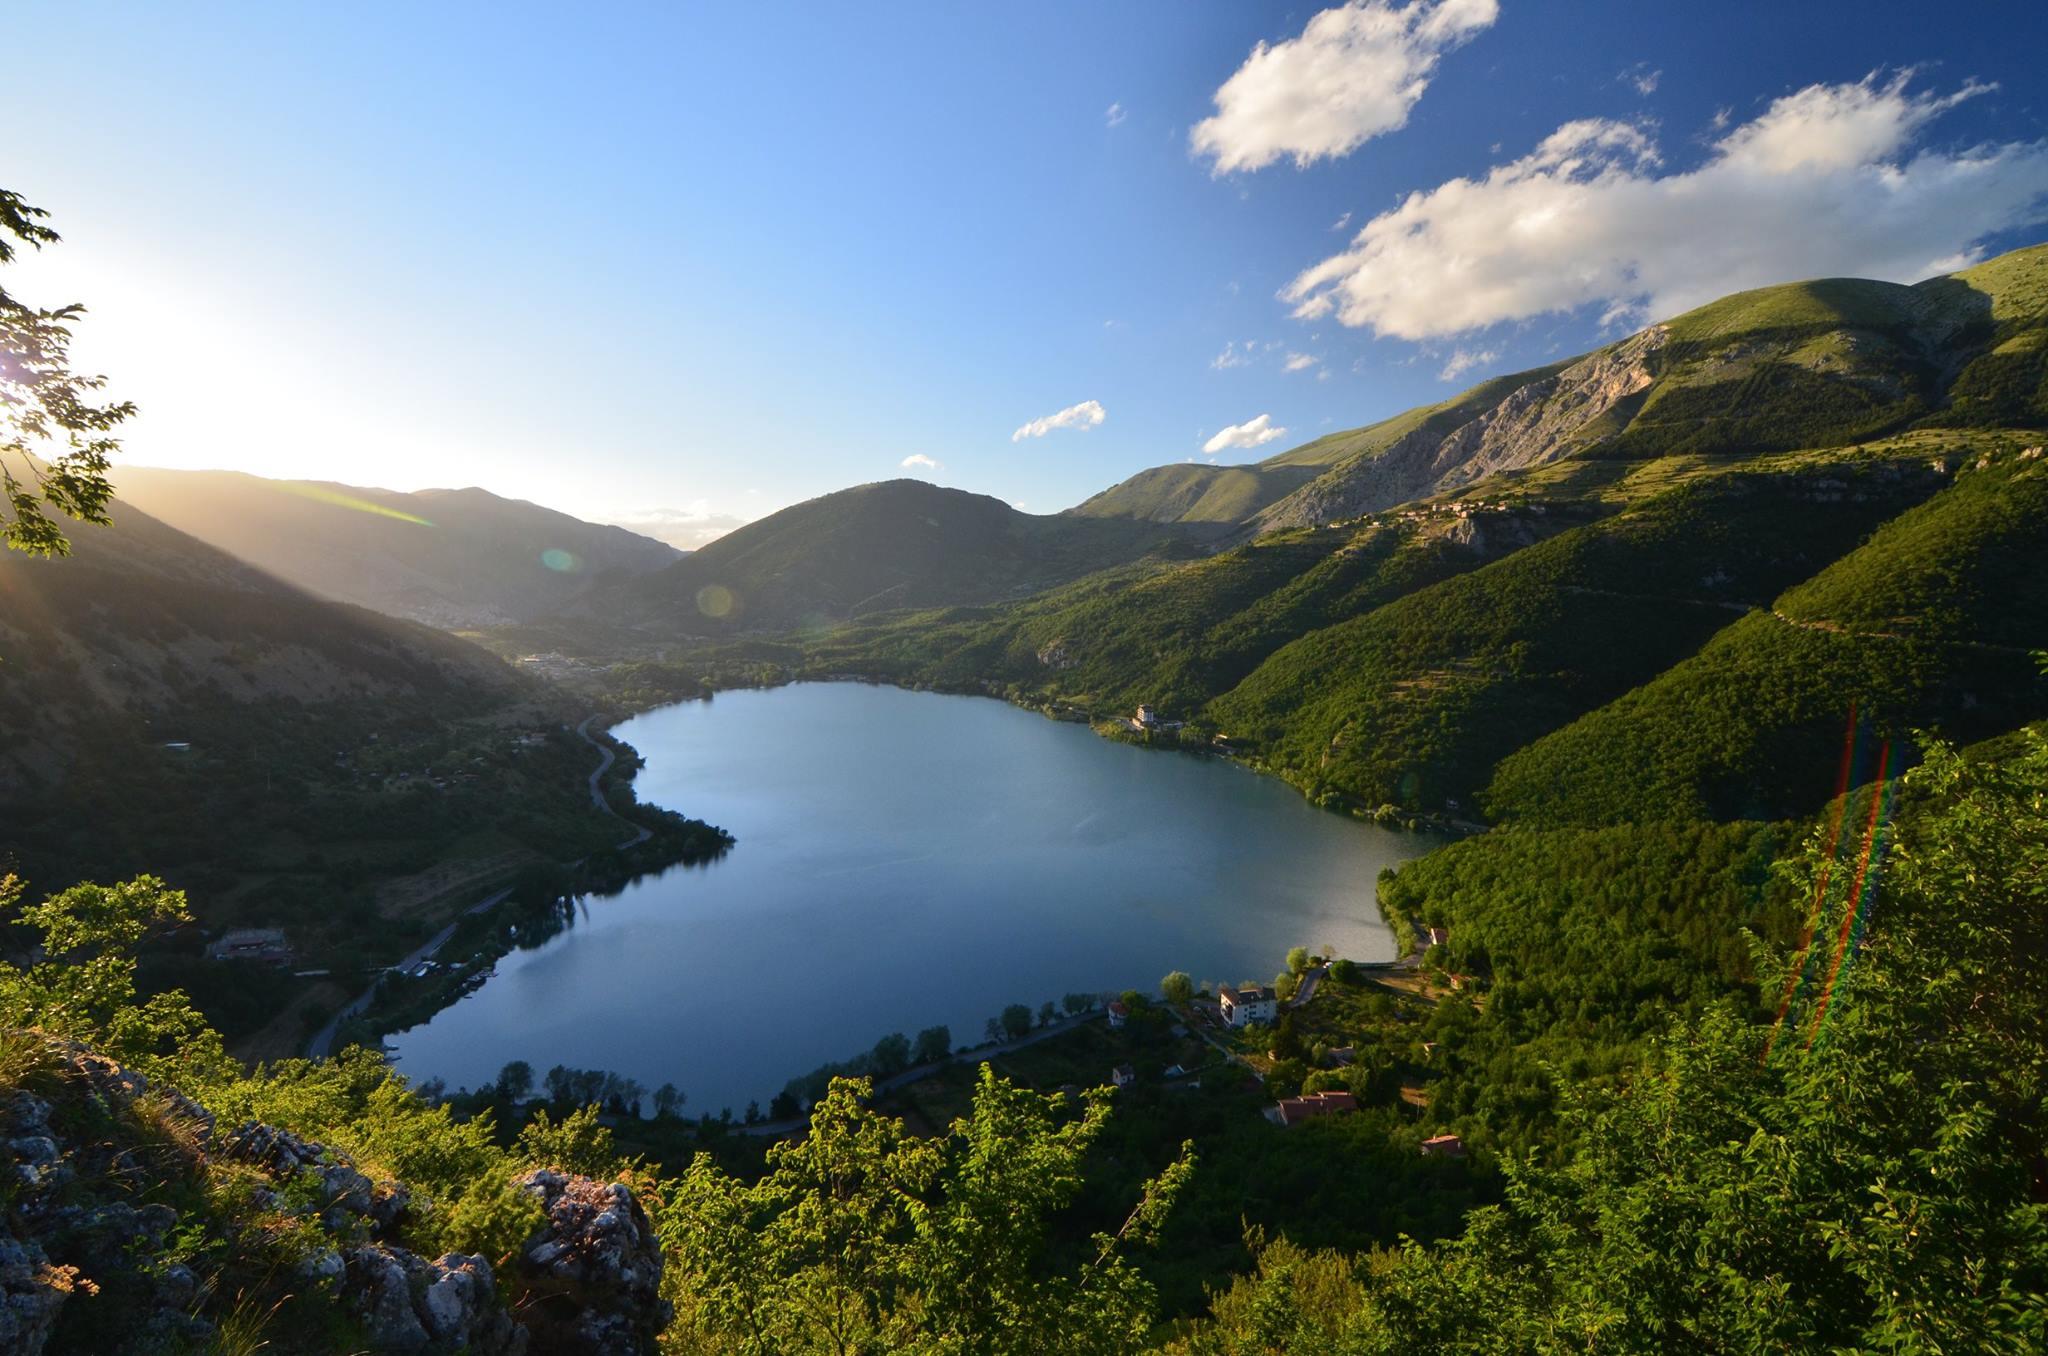 I laghi pi belli dItalia che non conoscevi  idealistanews